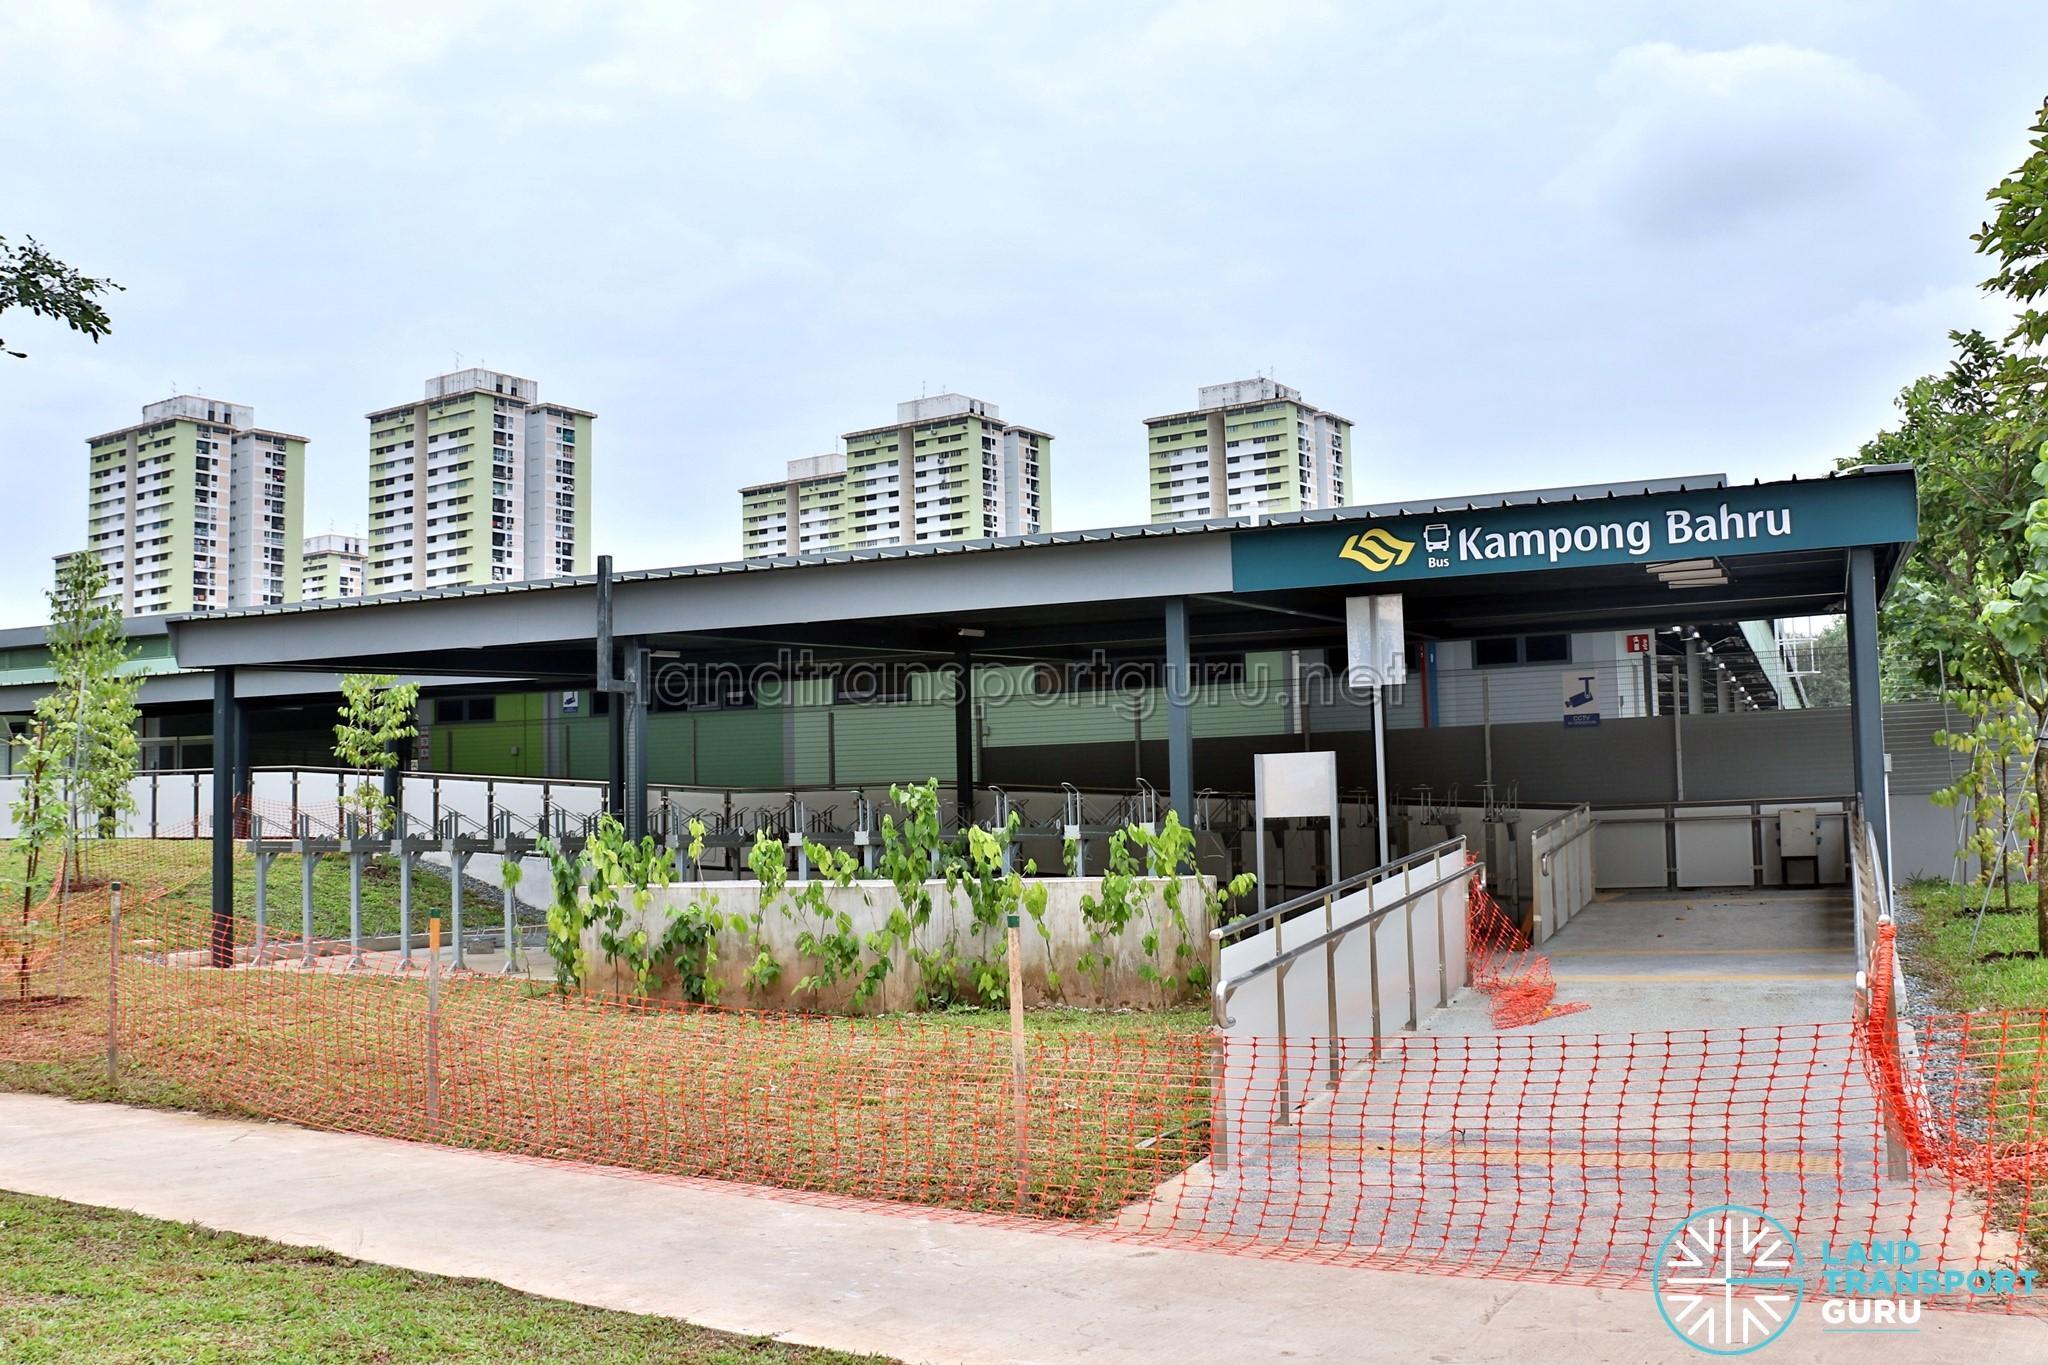 Kampong Bahru Bus Terminal Exterior (Feb 2018)